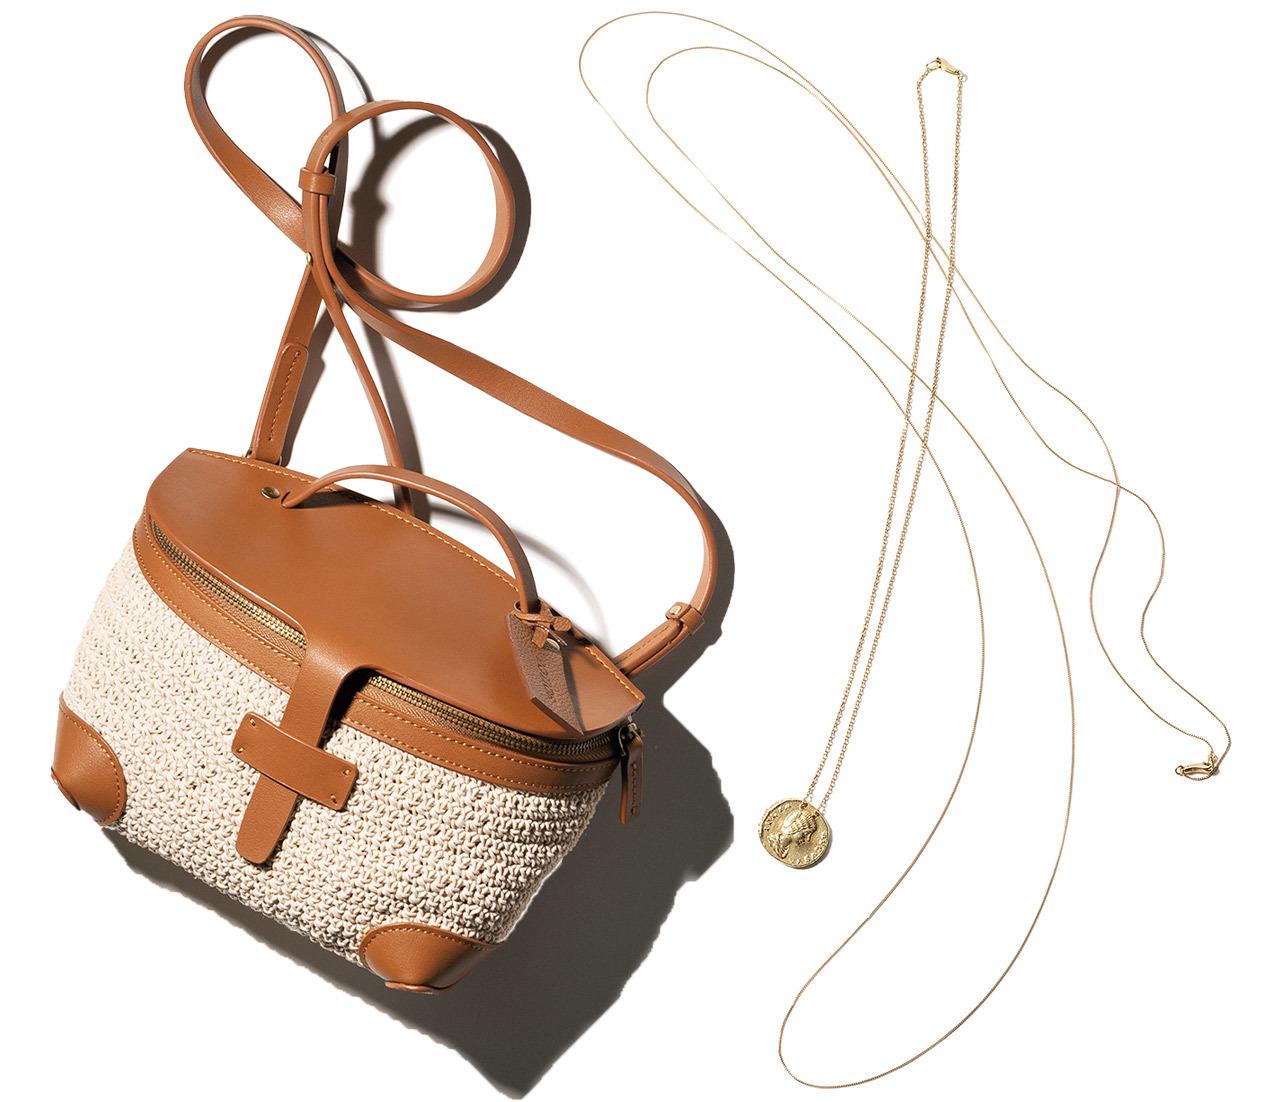 磯部のコインネックレス、三尋木のひとくせバッグ